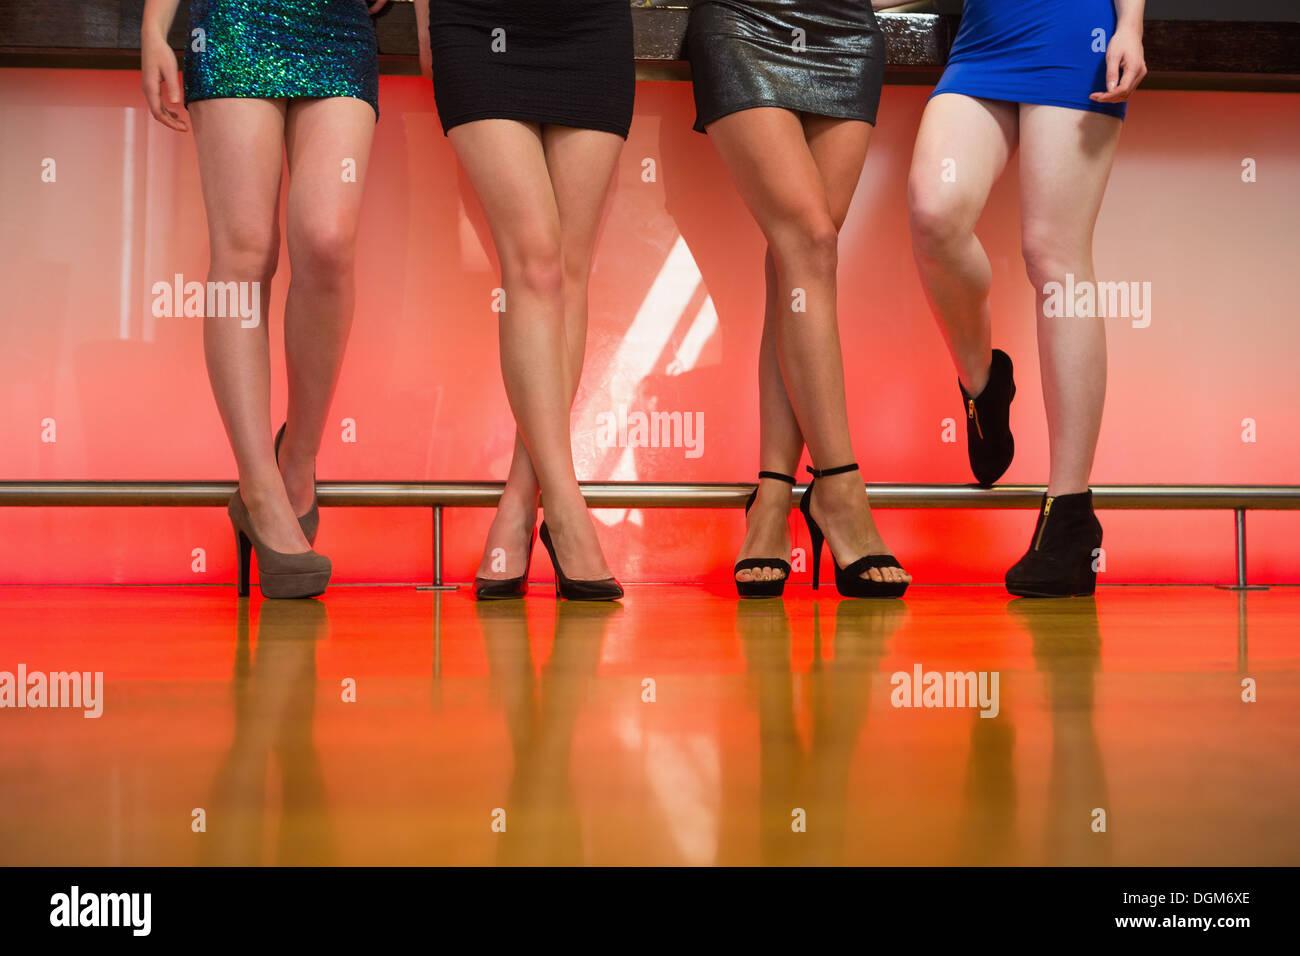 Junge Frauen Beine posieren Stockbild